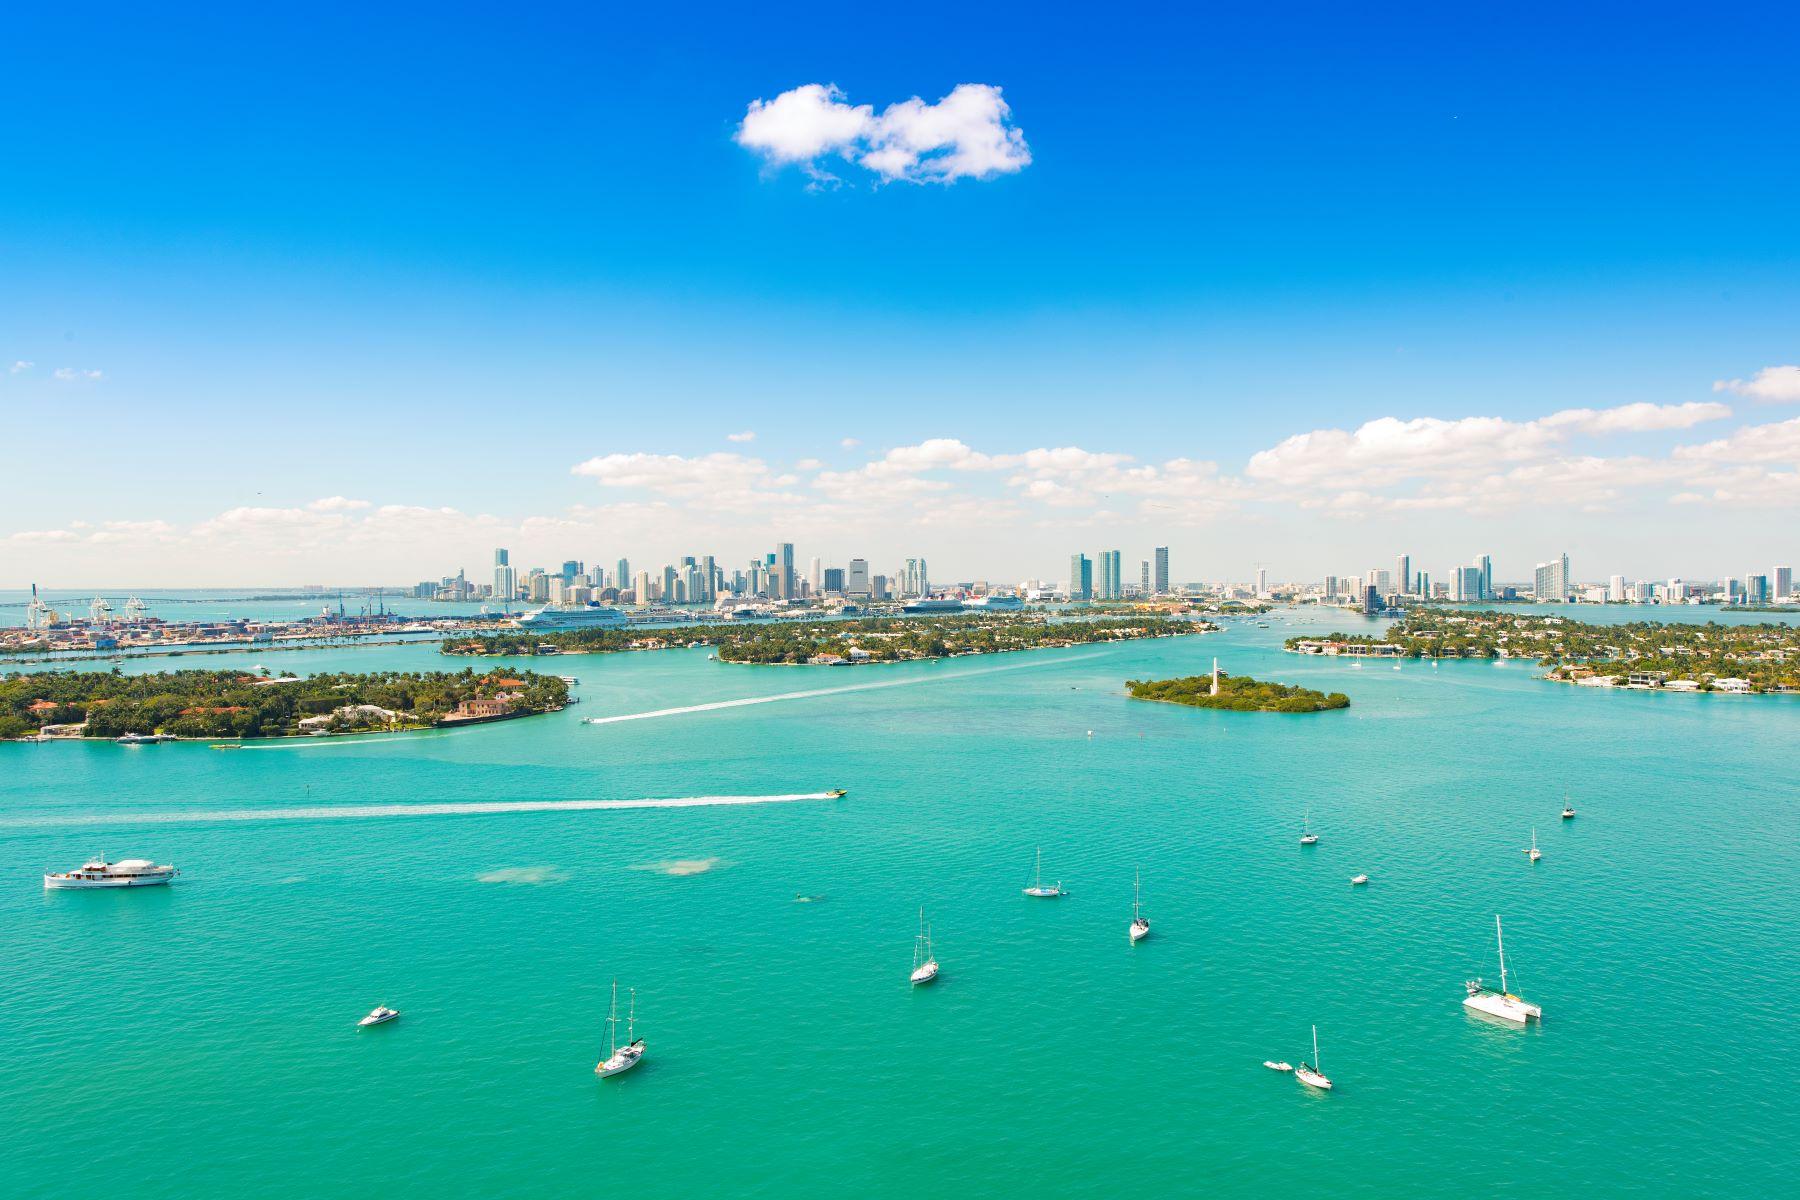 شقة بعمارة للـ Sale في 1330 West Ave 1330 West Ave 3202, Miami Beach, Florida, 33139 United States